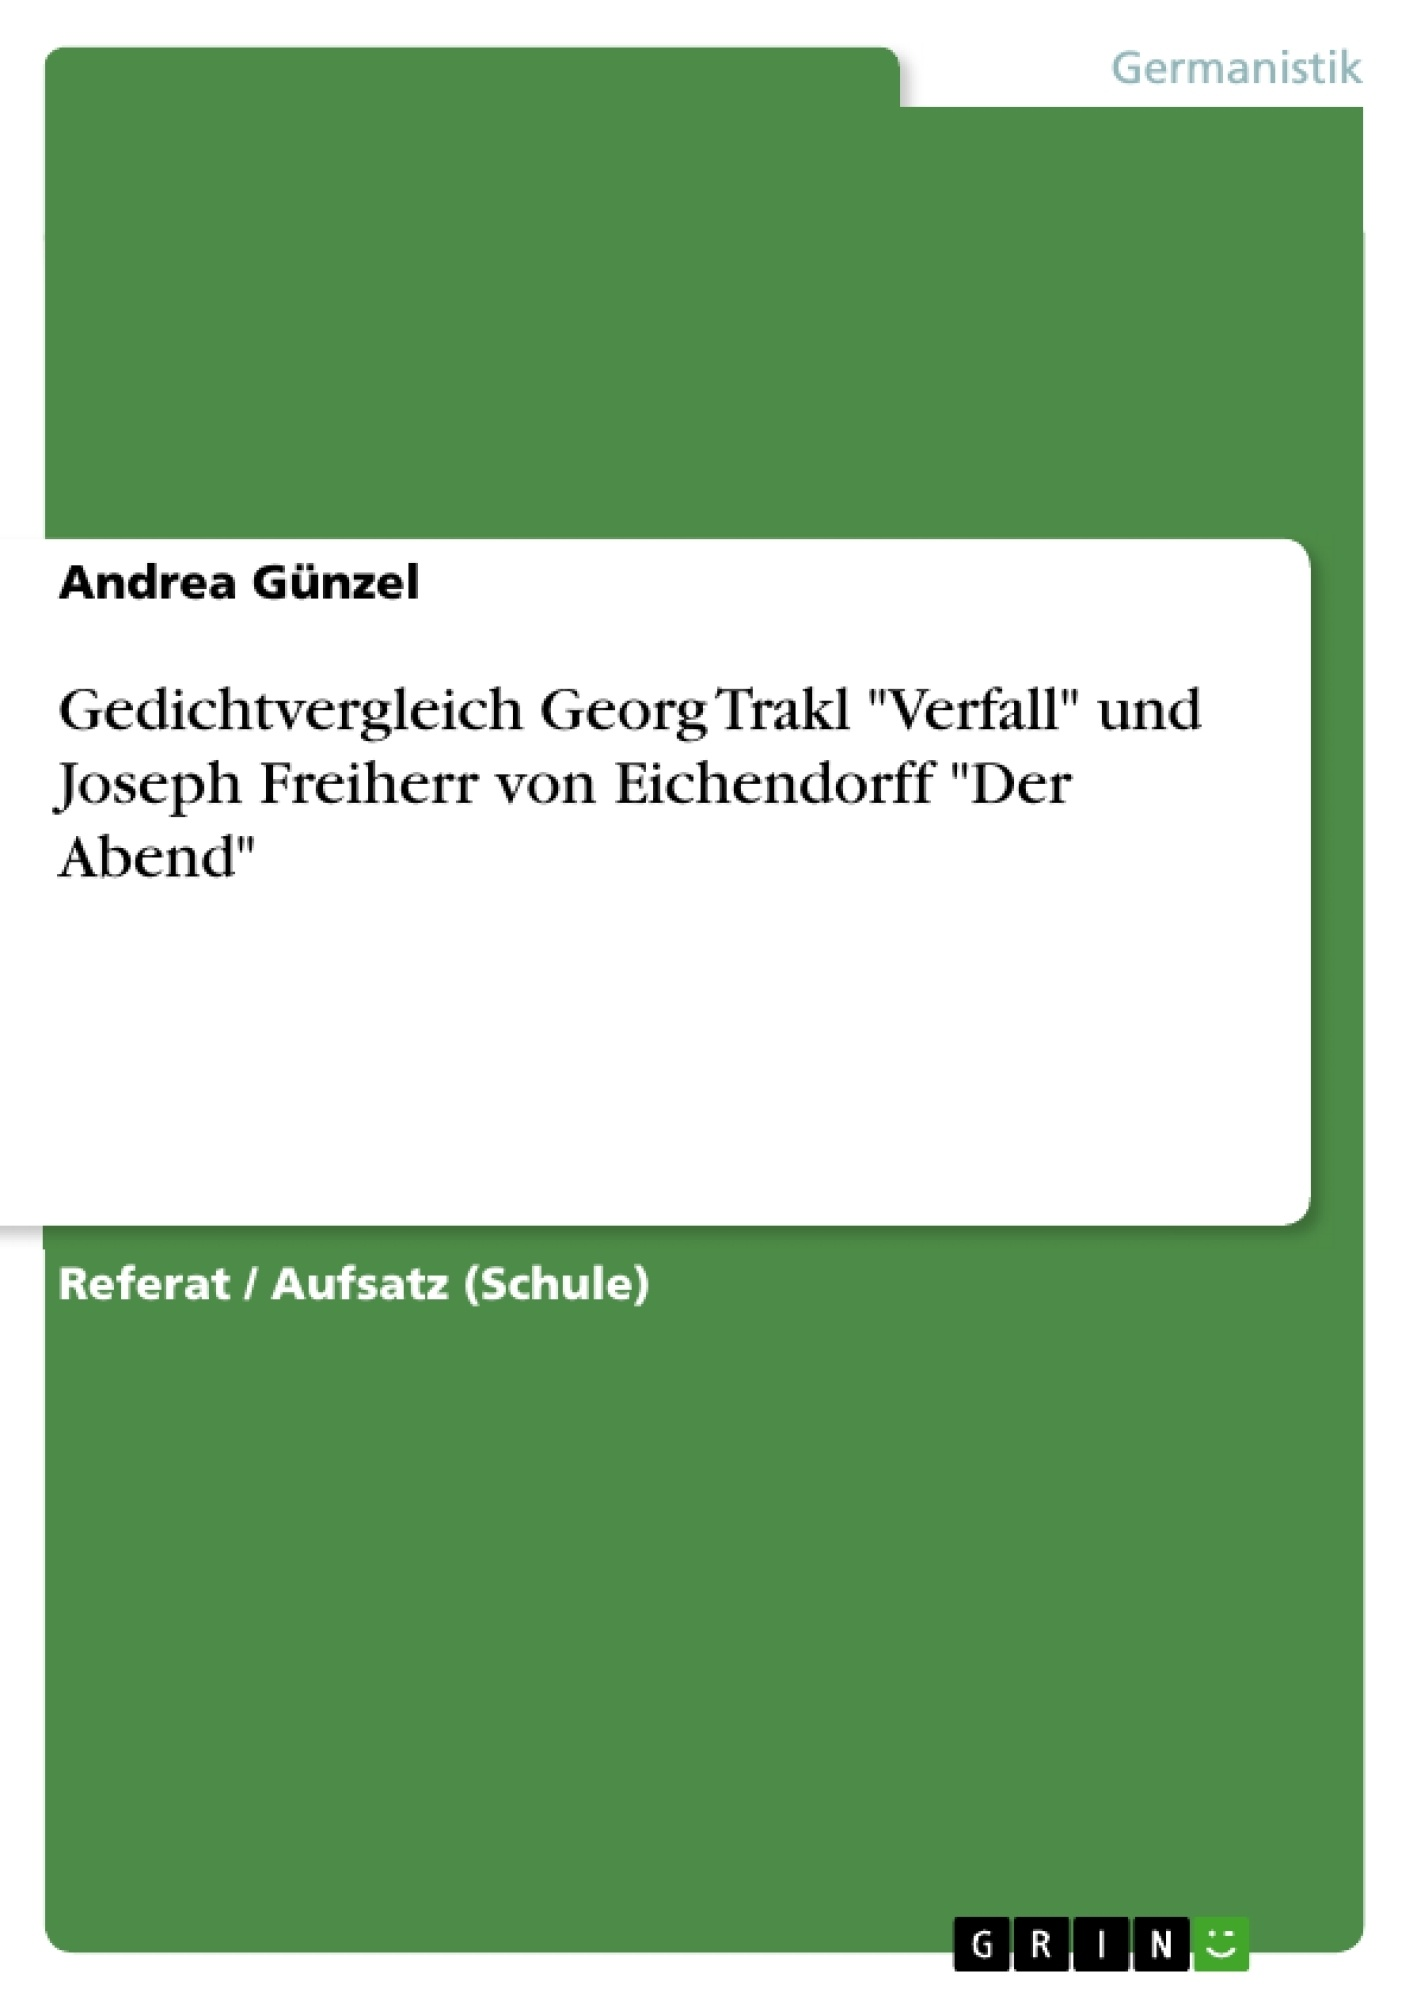 """Titel: Gedichtvergleich Georg Trakl """"Verfall"""" und Joseph Freiherr von Eichendorff """"Der Abend"""""""